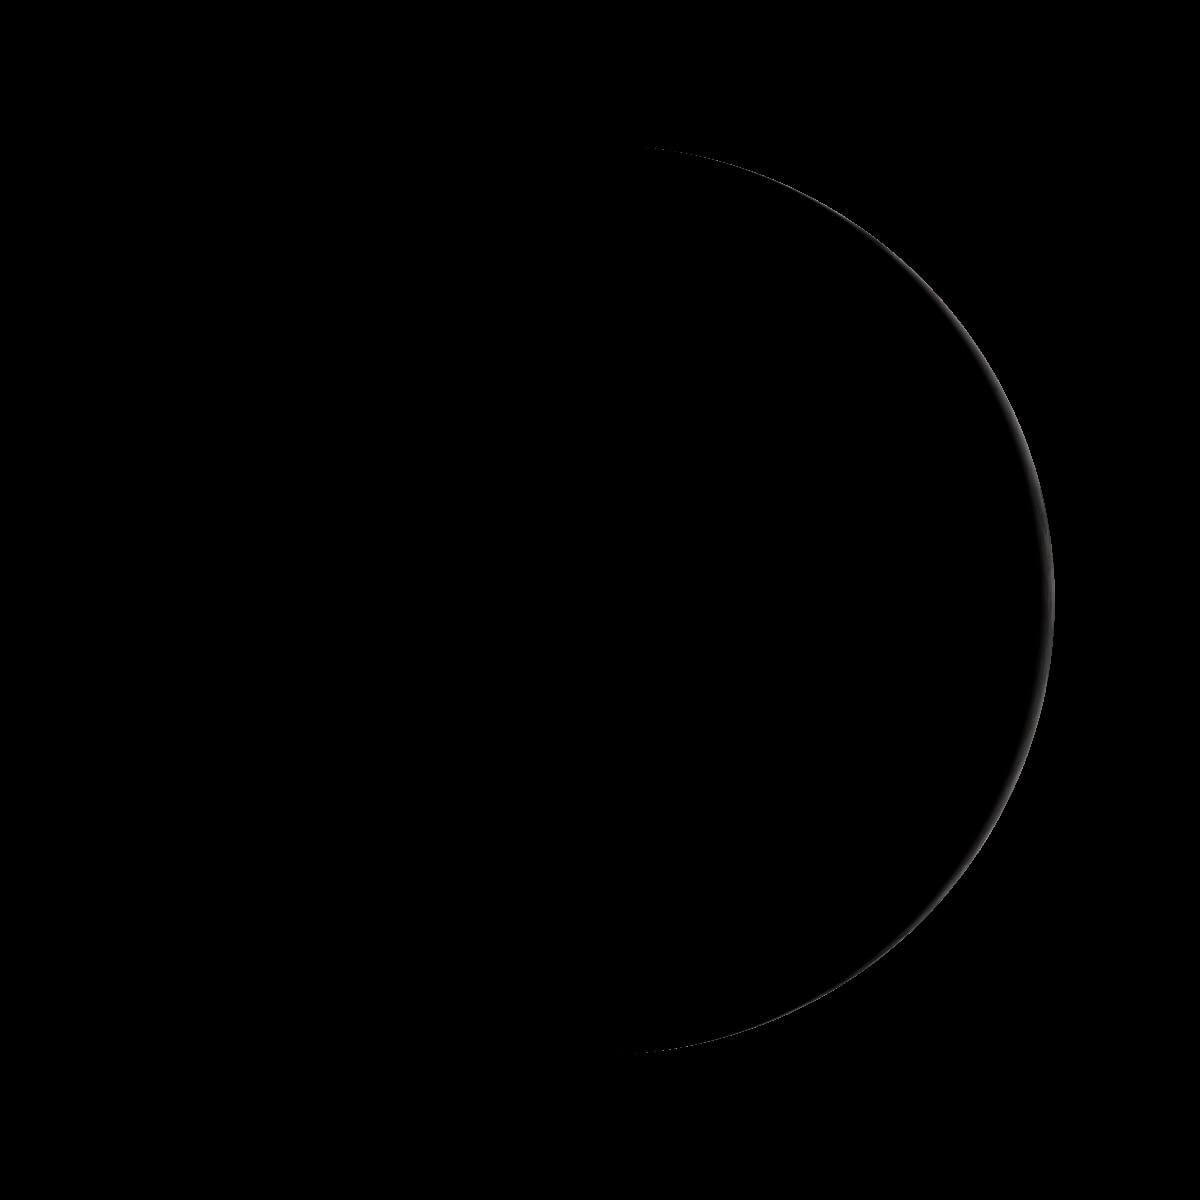 Lune du 24 mai 2020